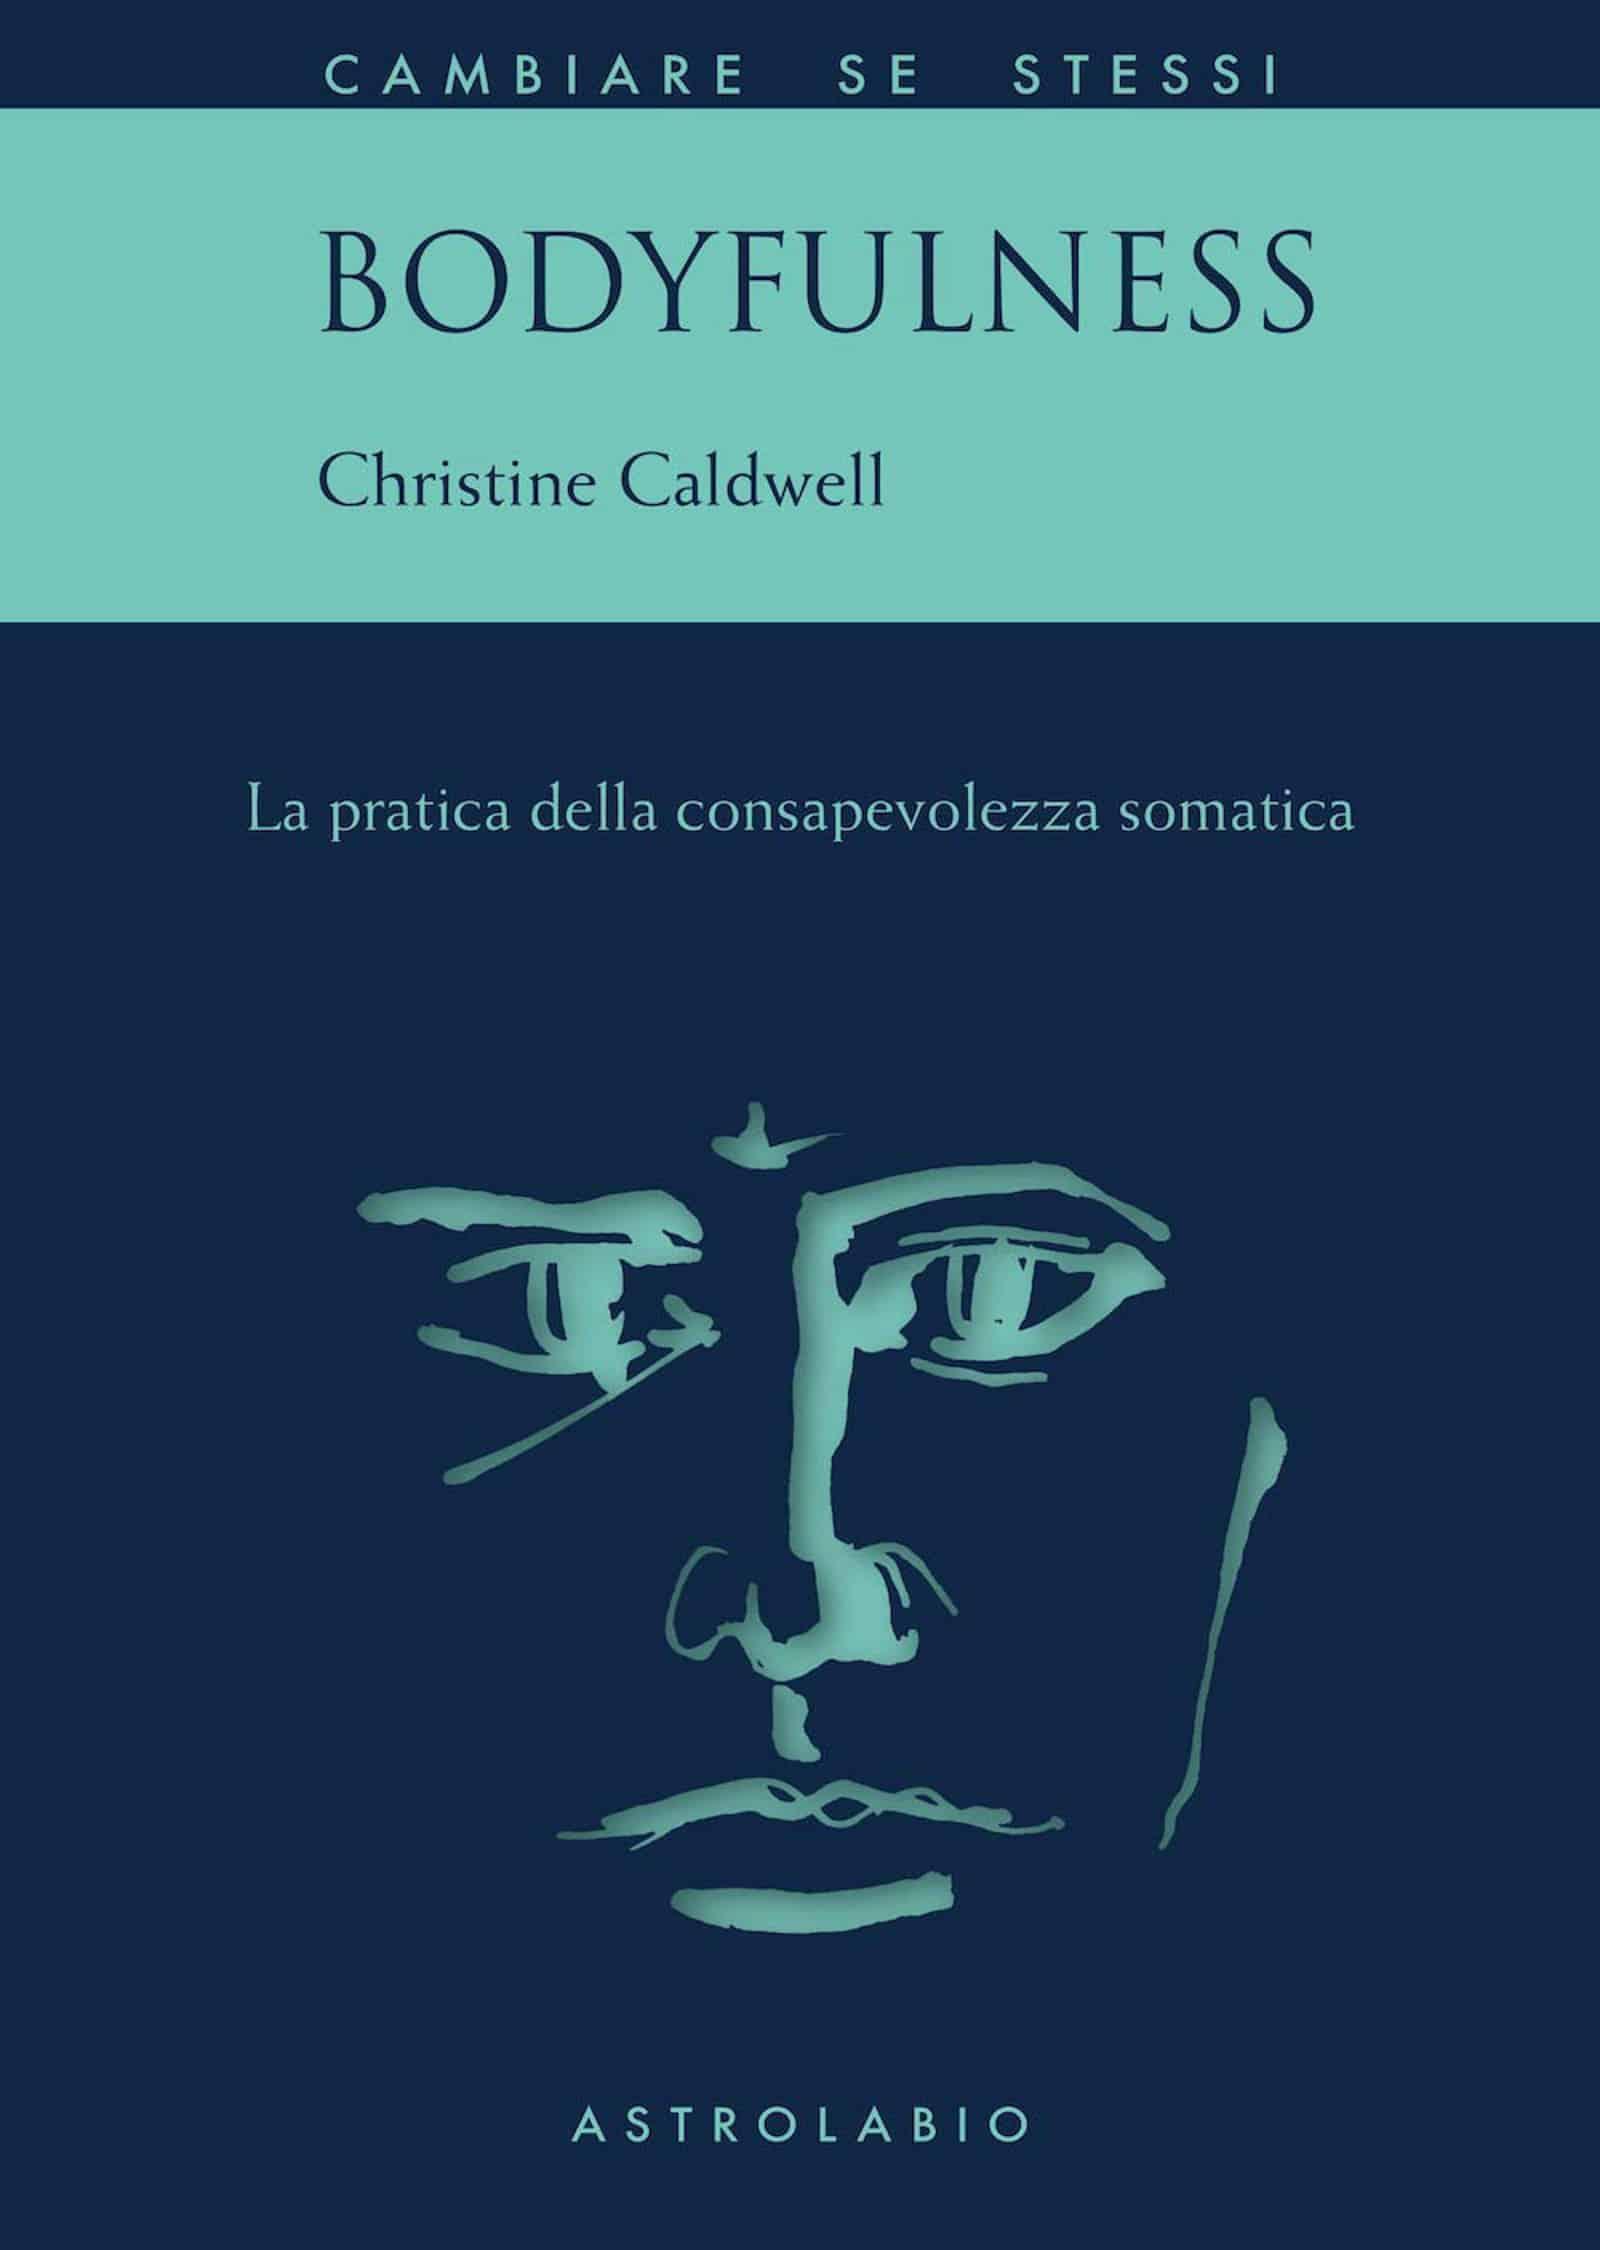 Bodyfulness. La pratica della consapevolezza somatica (2020) di C. Caldwell – Recensione